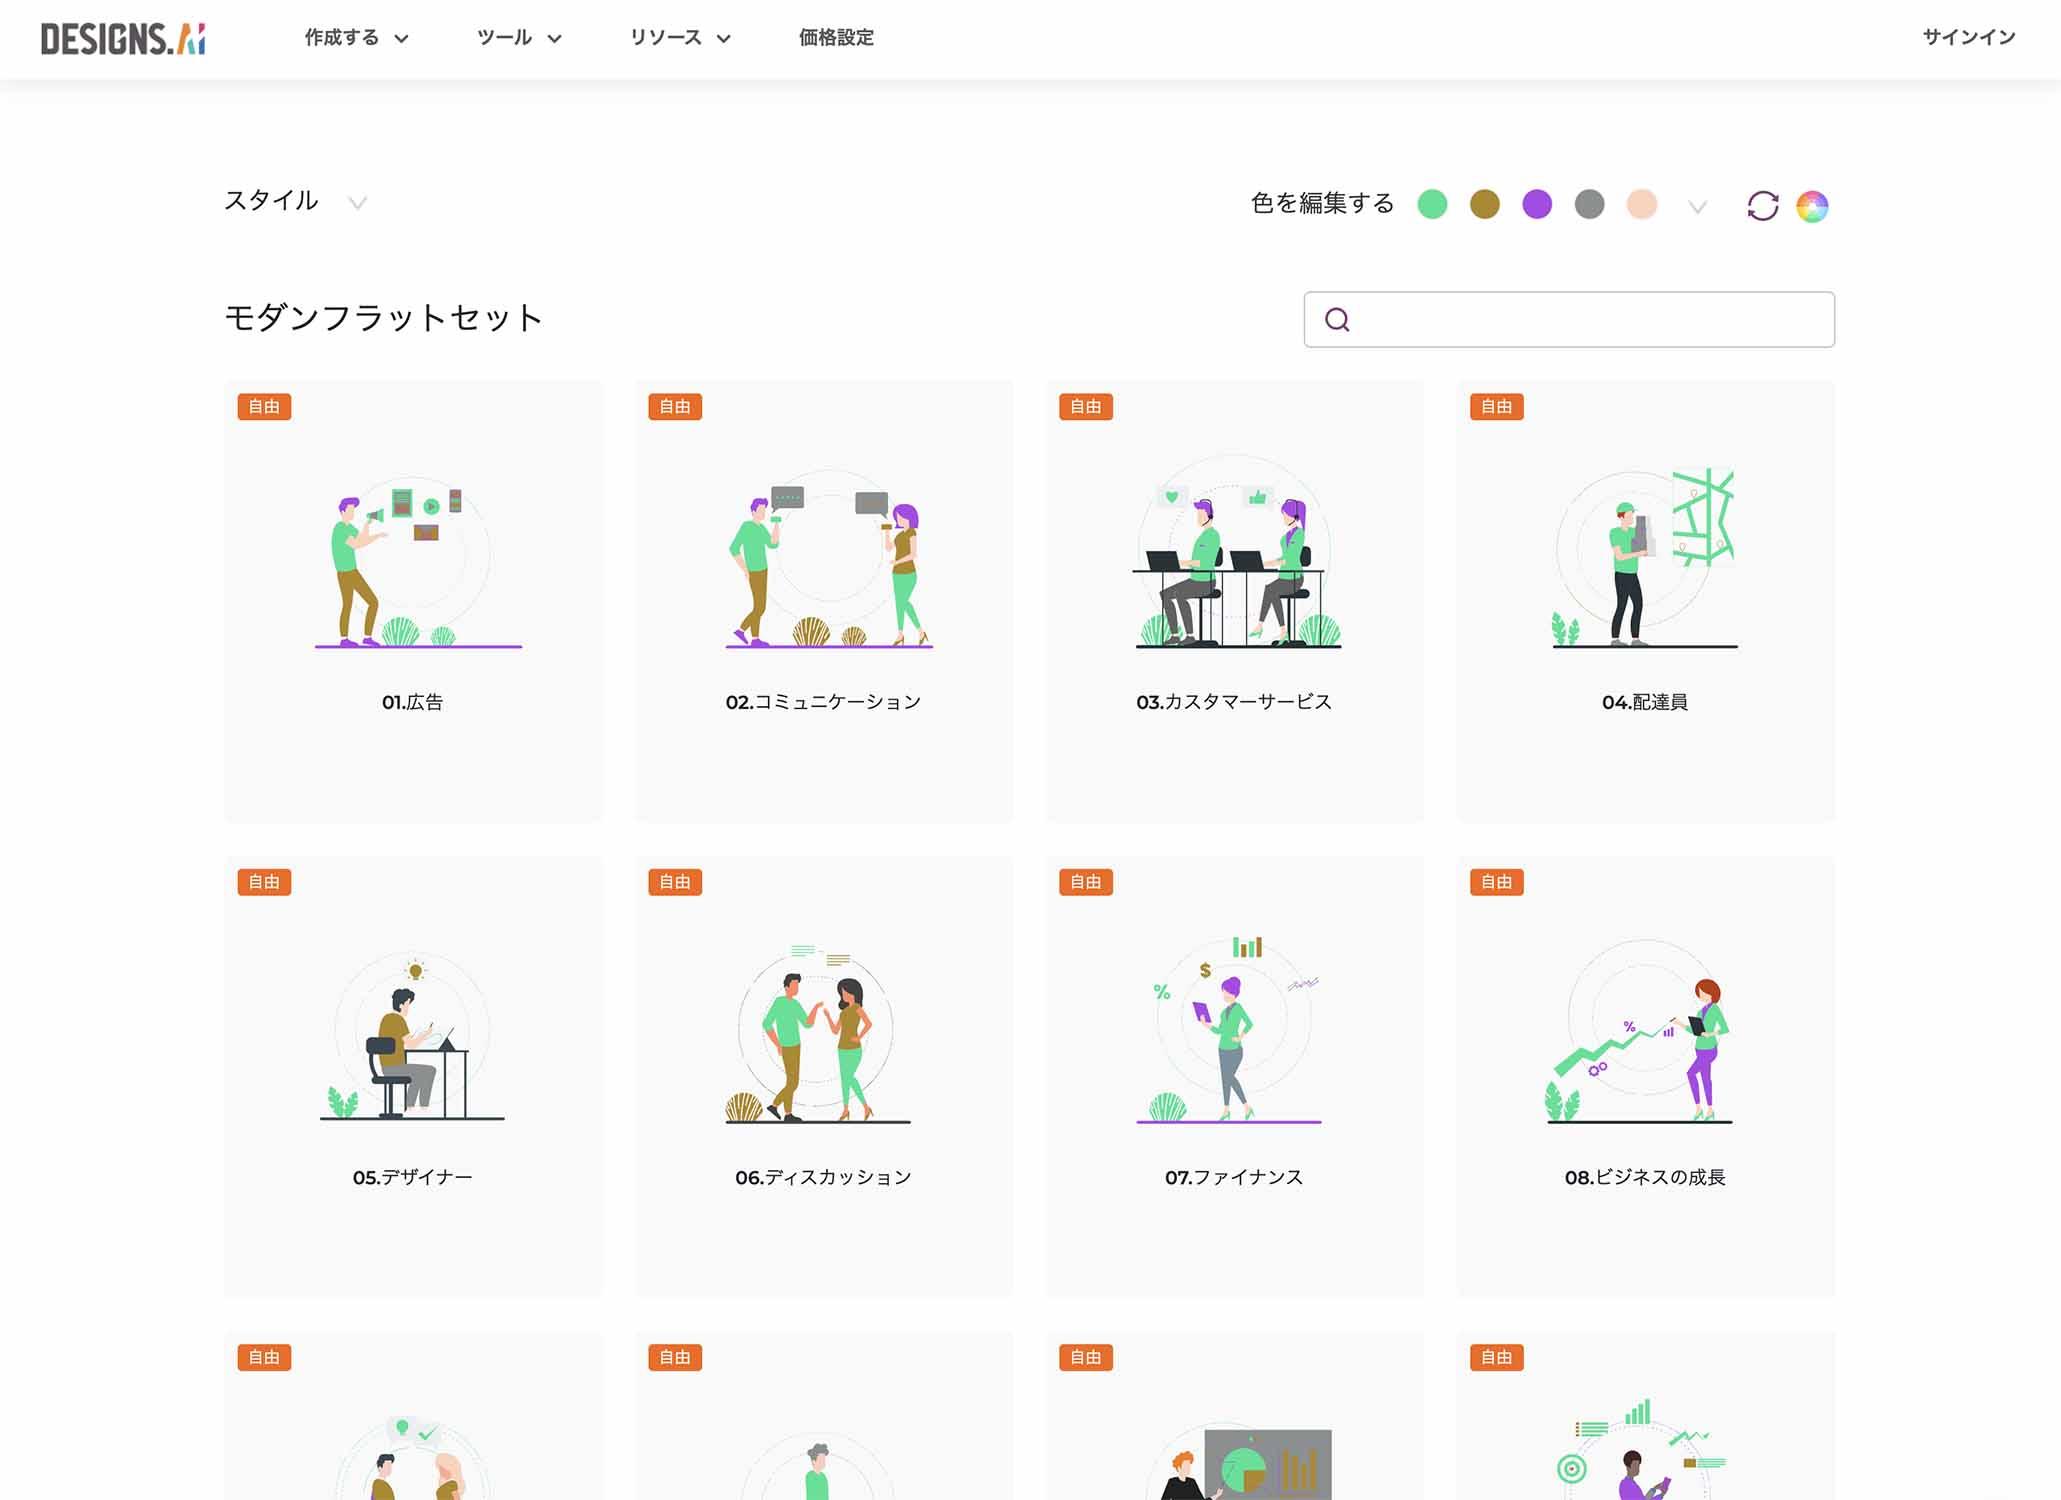 無料でブログに使えるイラストや画像の素材サイト_12